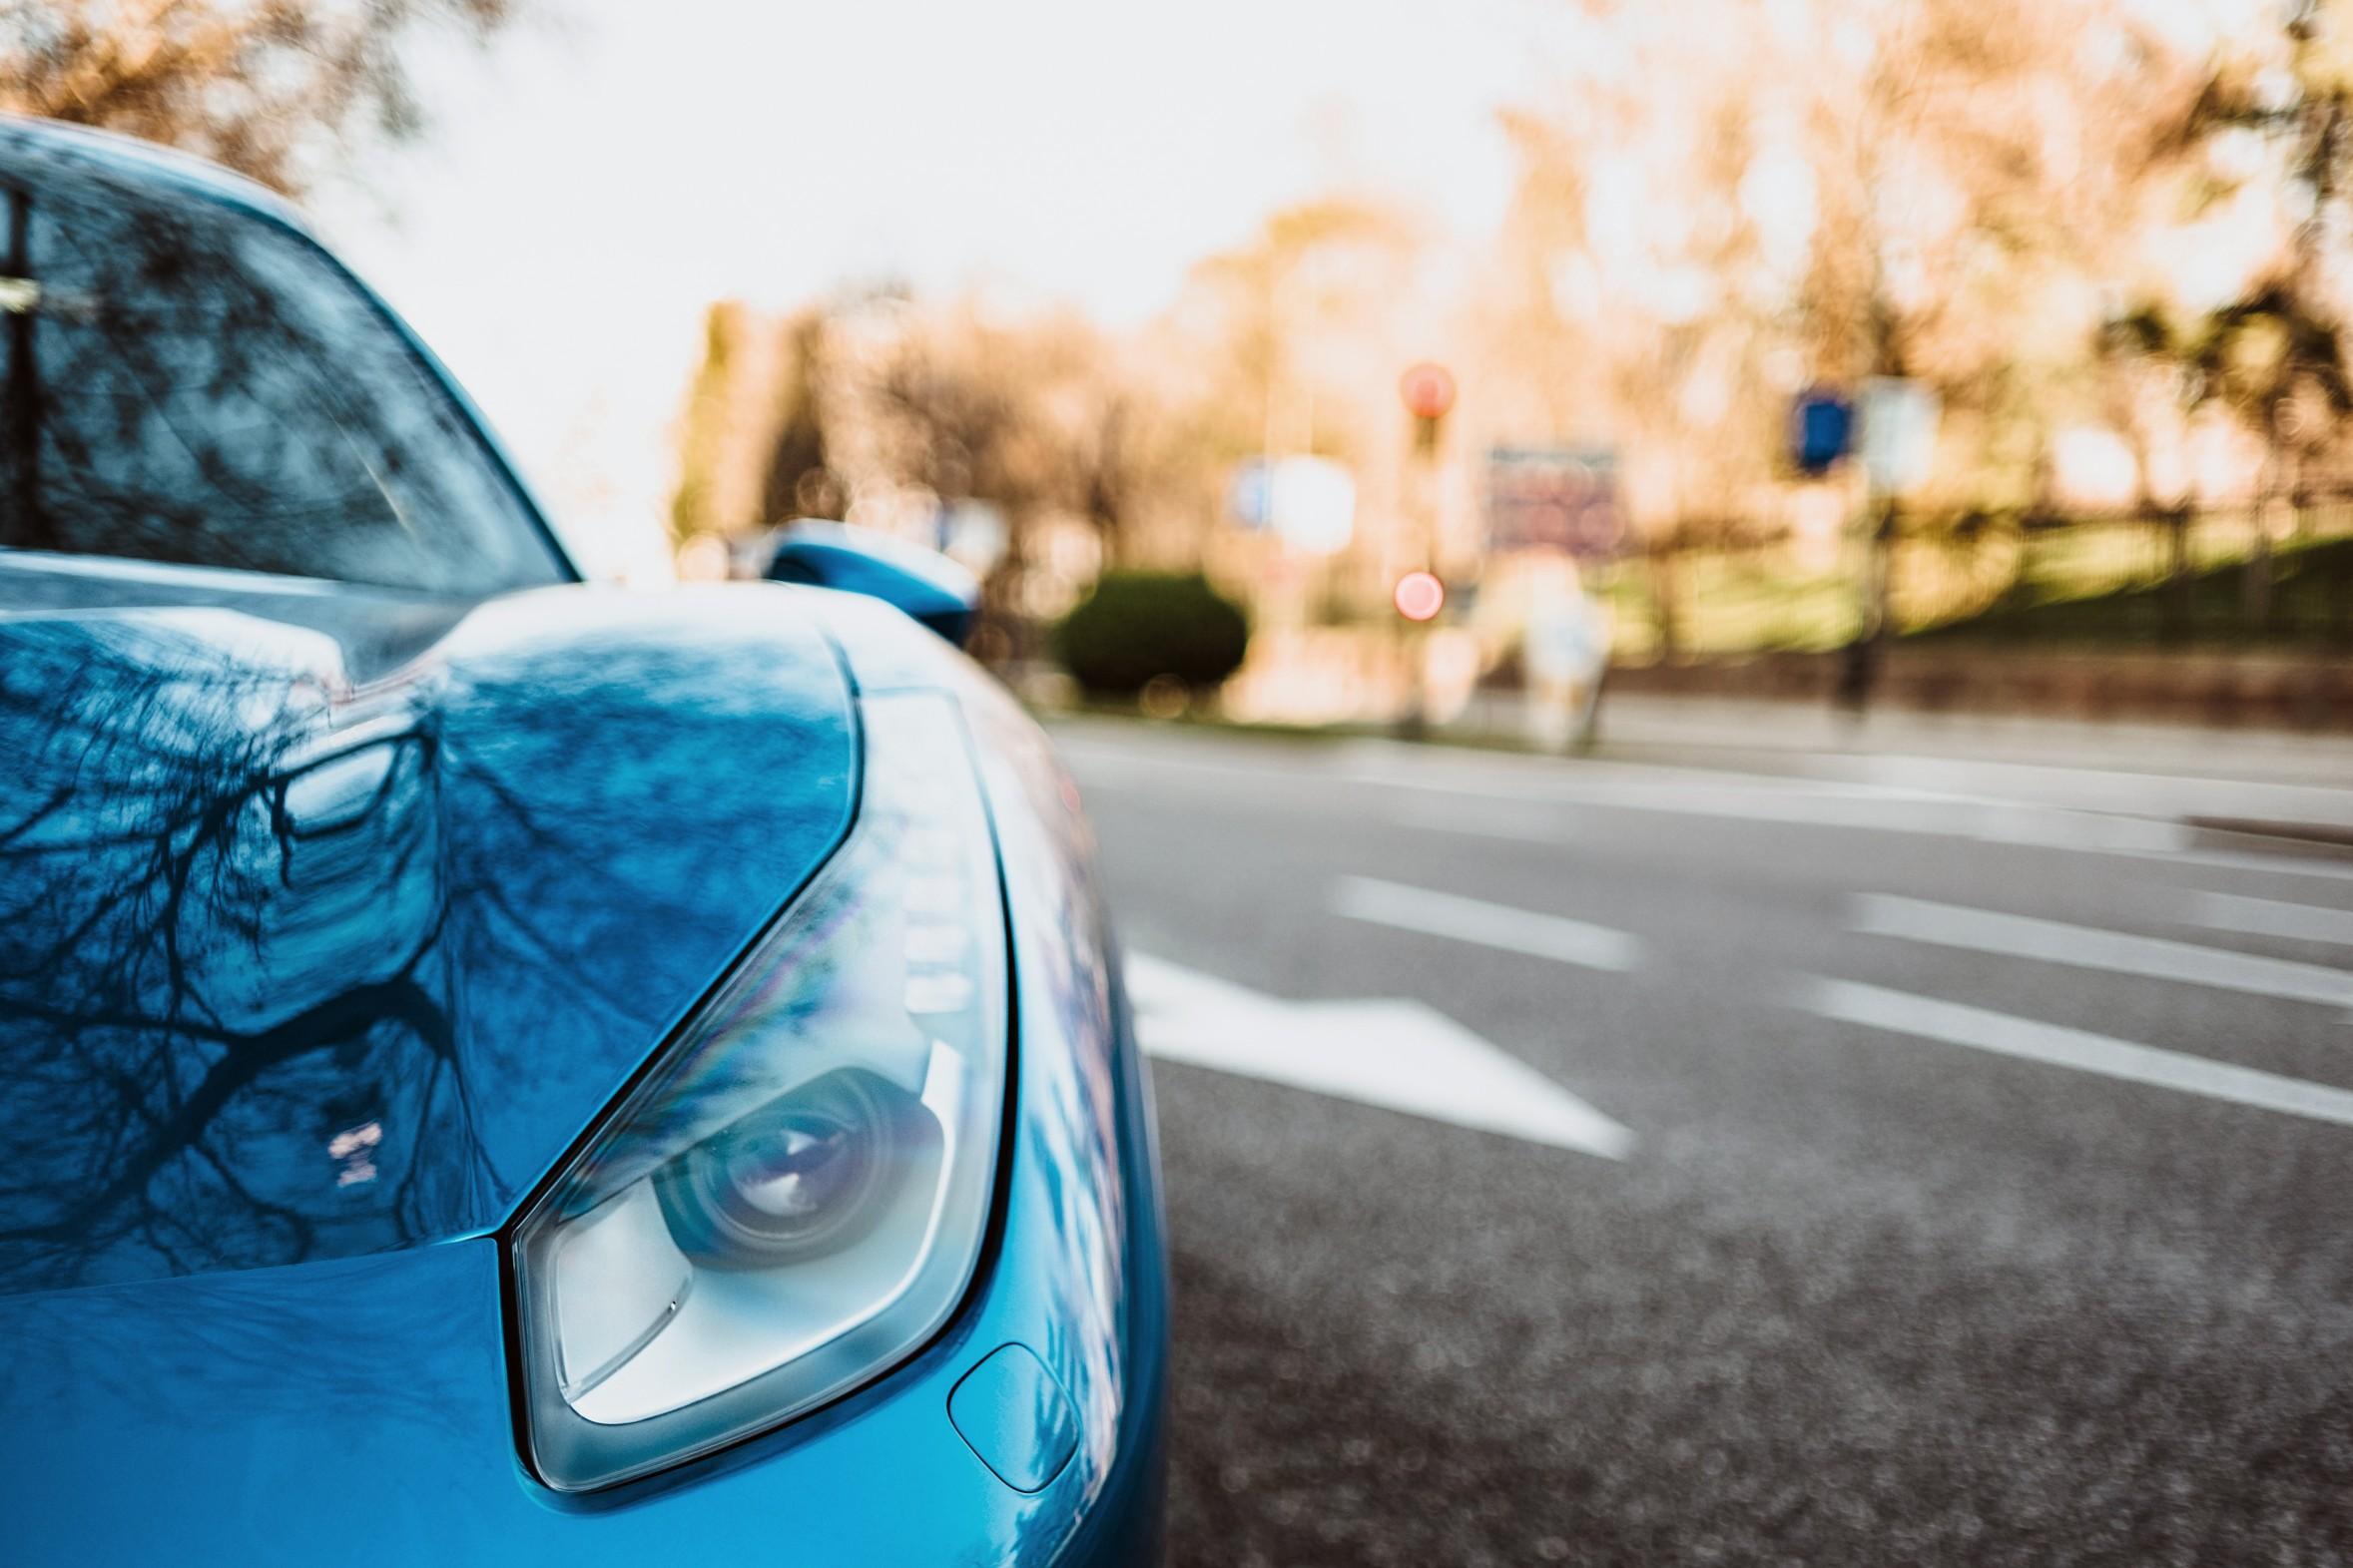 sky blue Lamborghini Aventador on the roadside.